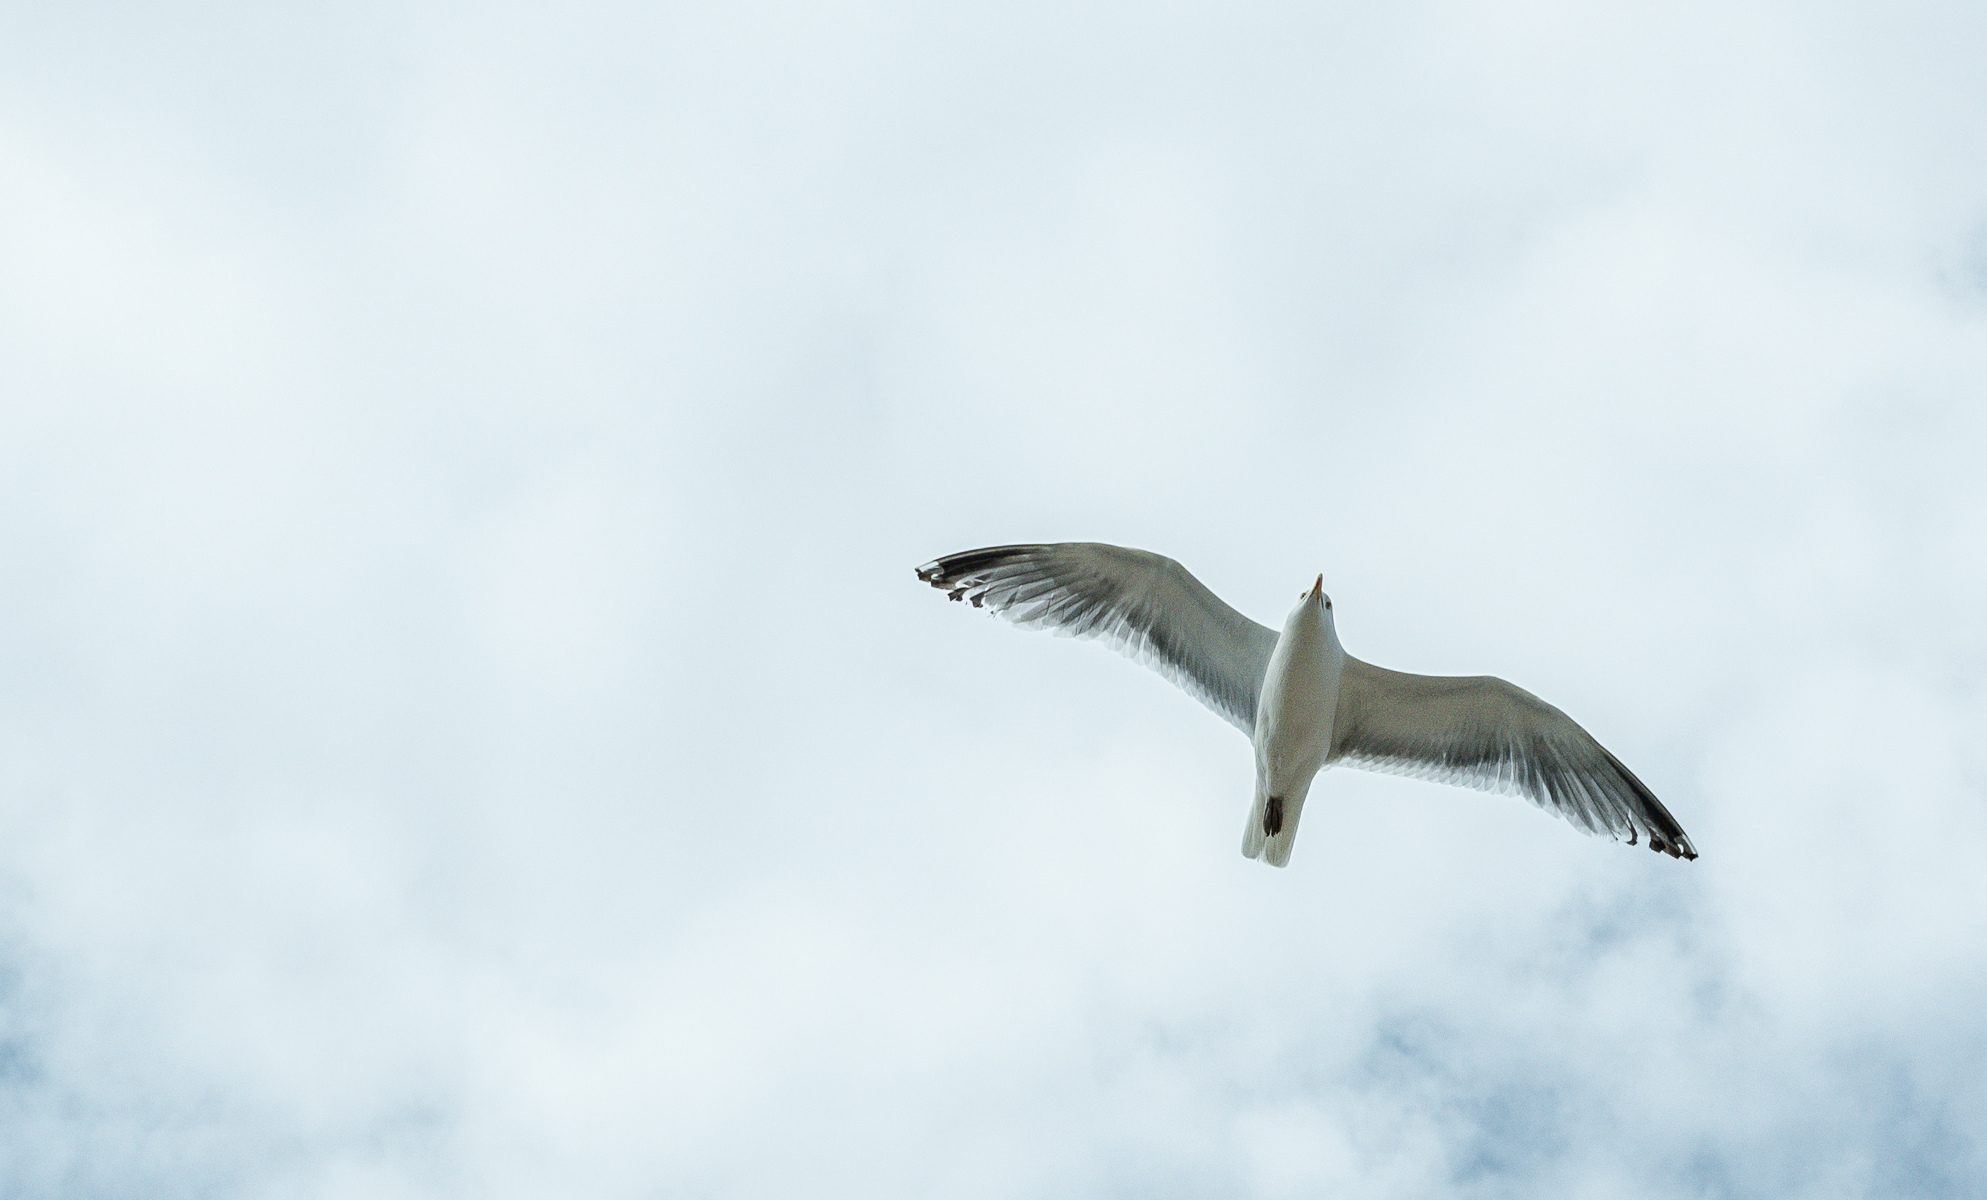 Bild einer fliegenden Möwe - Gesang zur Trauerfeier